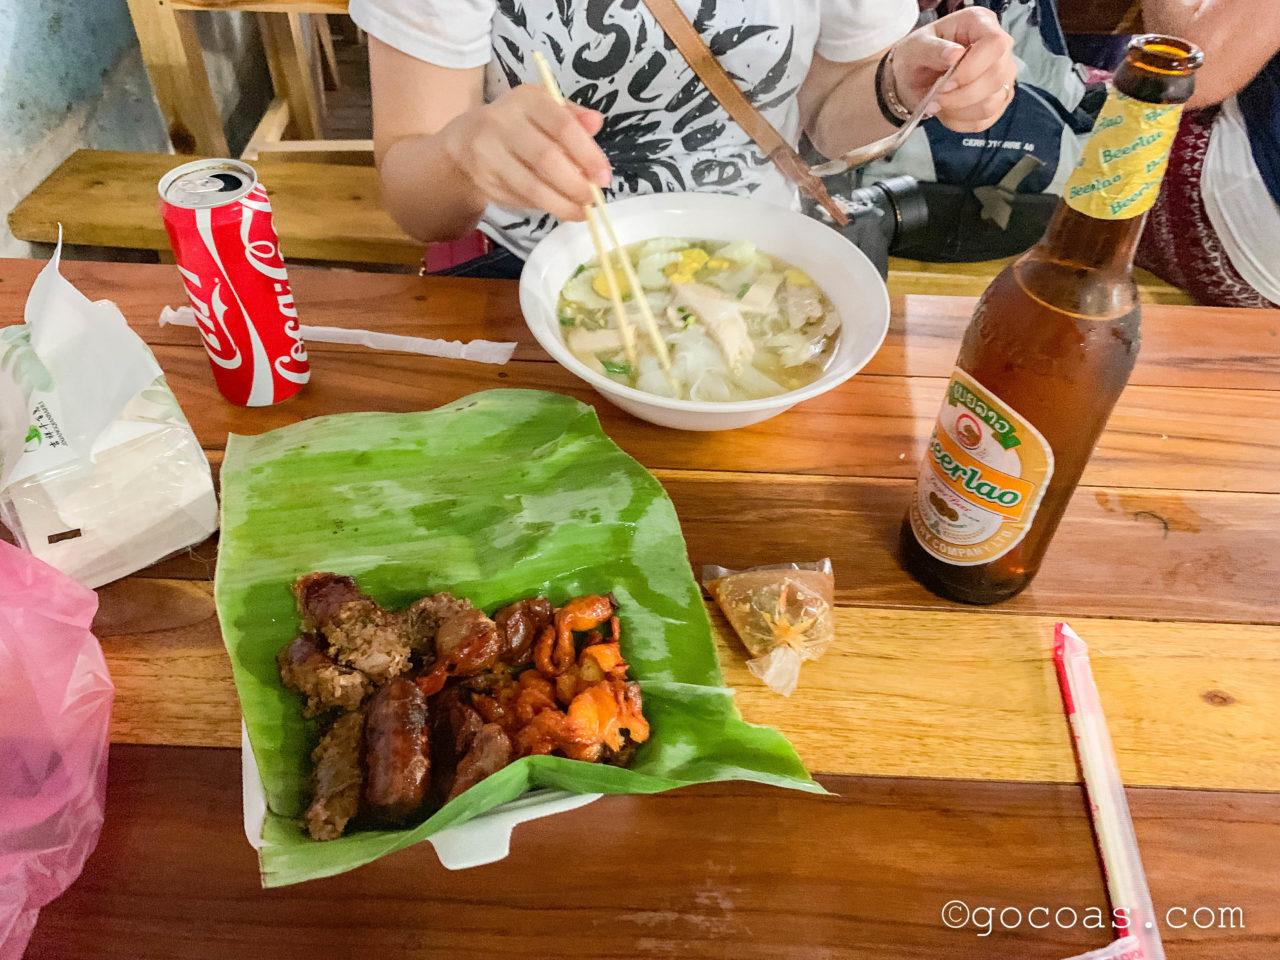 ルアンパバーンのナイトマーケットの飲食コーナーで食べたヌードルと串焼きとビアラオの瓶と缶コーラ